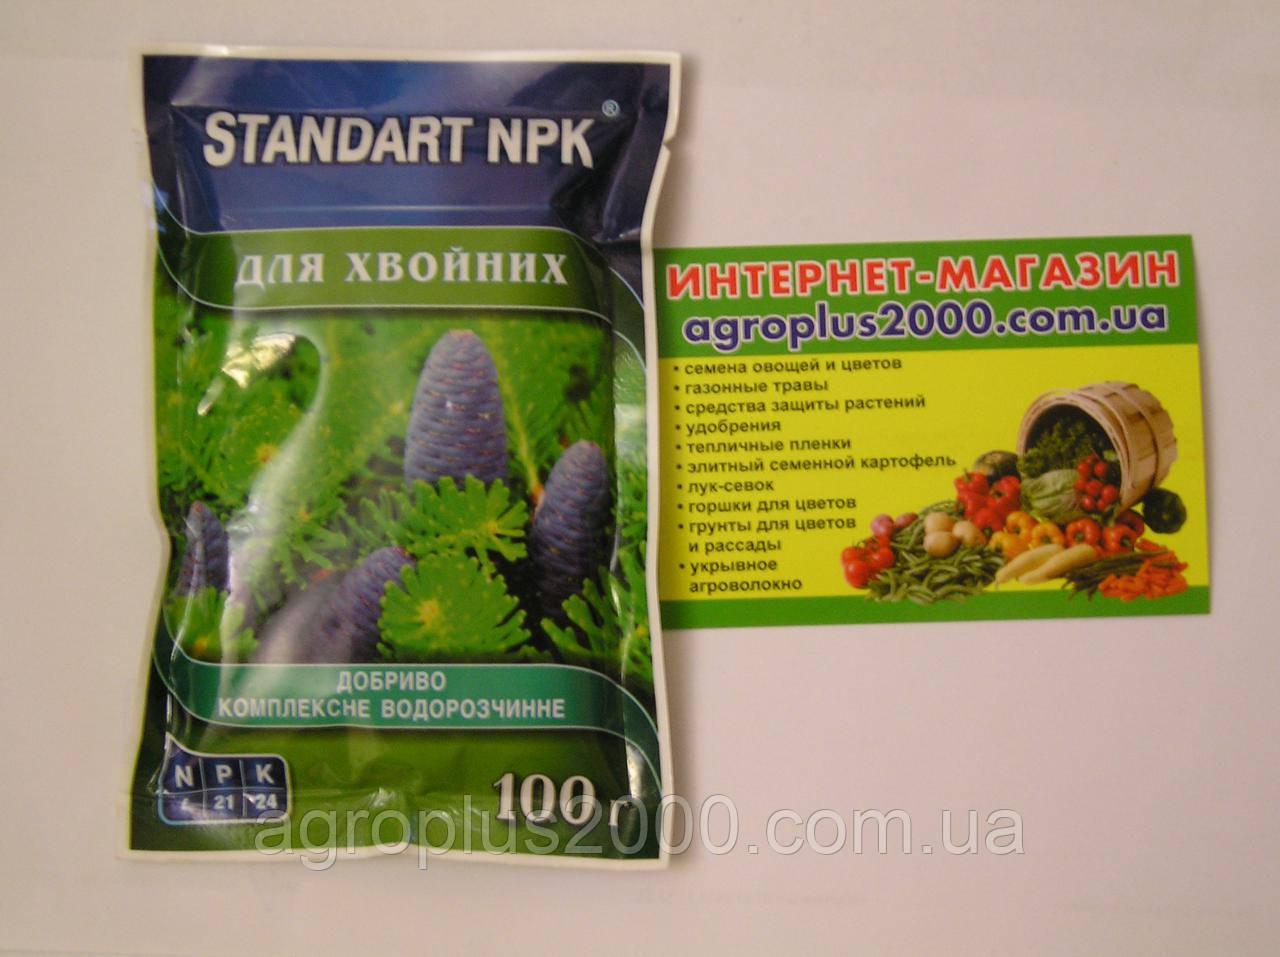 Удобрение комплексное минеральное Стандарт NPK для Хвойных 100 граммов  Агрохимпак - Агроплюс2000 в Харькове